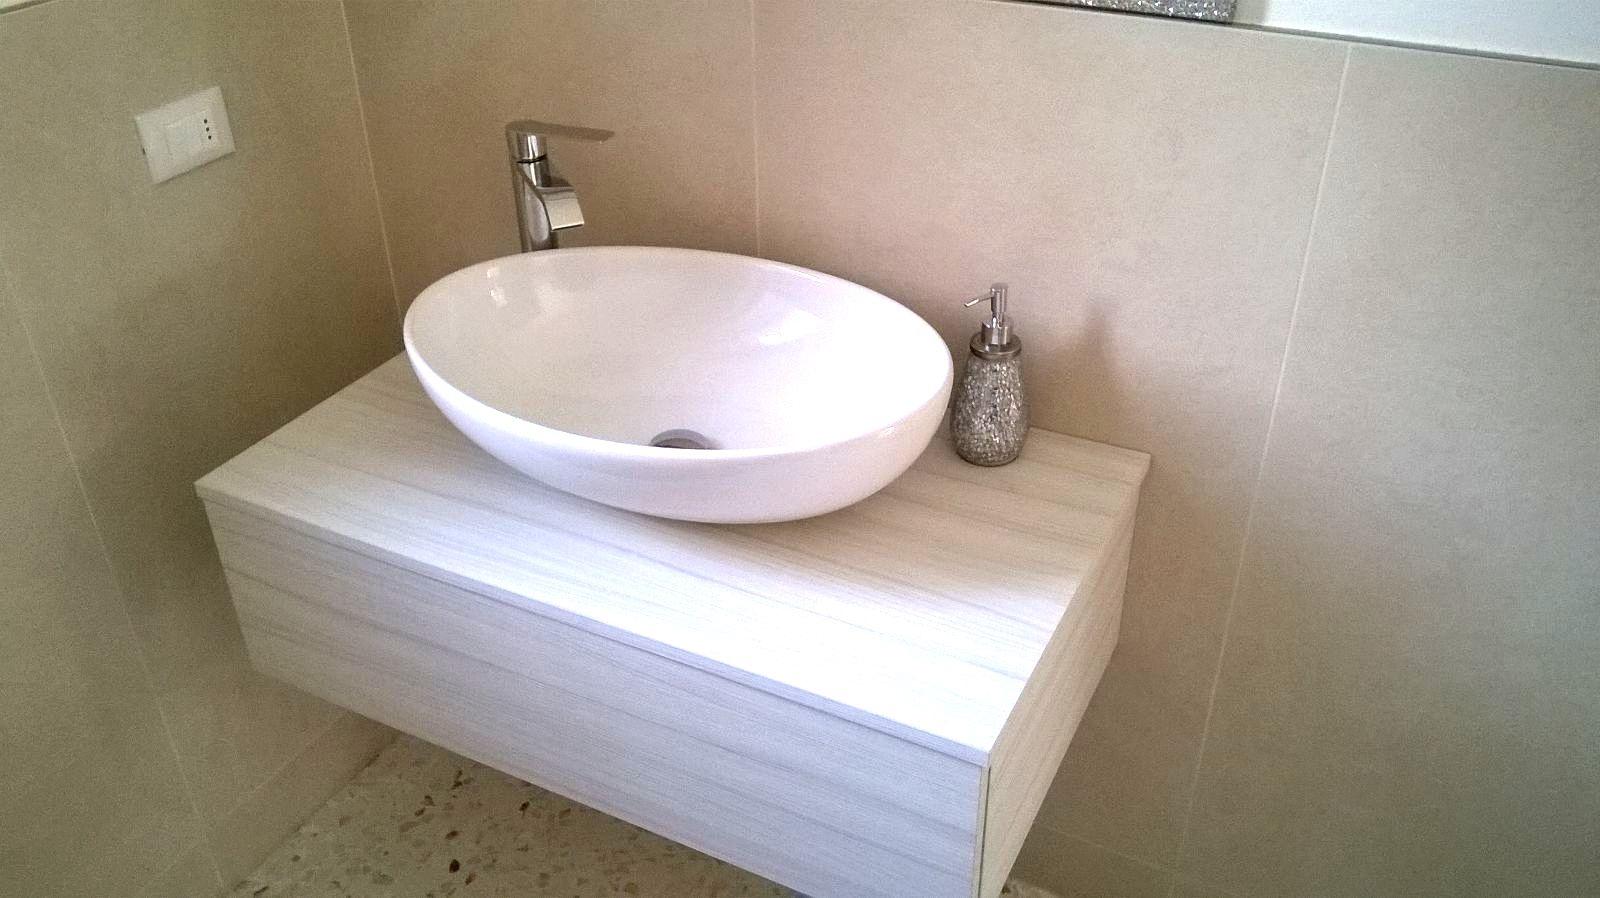 Mobile sospeso da bagno con lavandino a ciotola - Arredo bagno a prezzi scontati